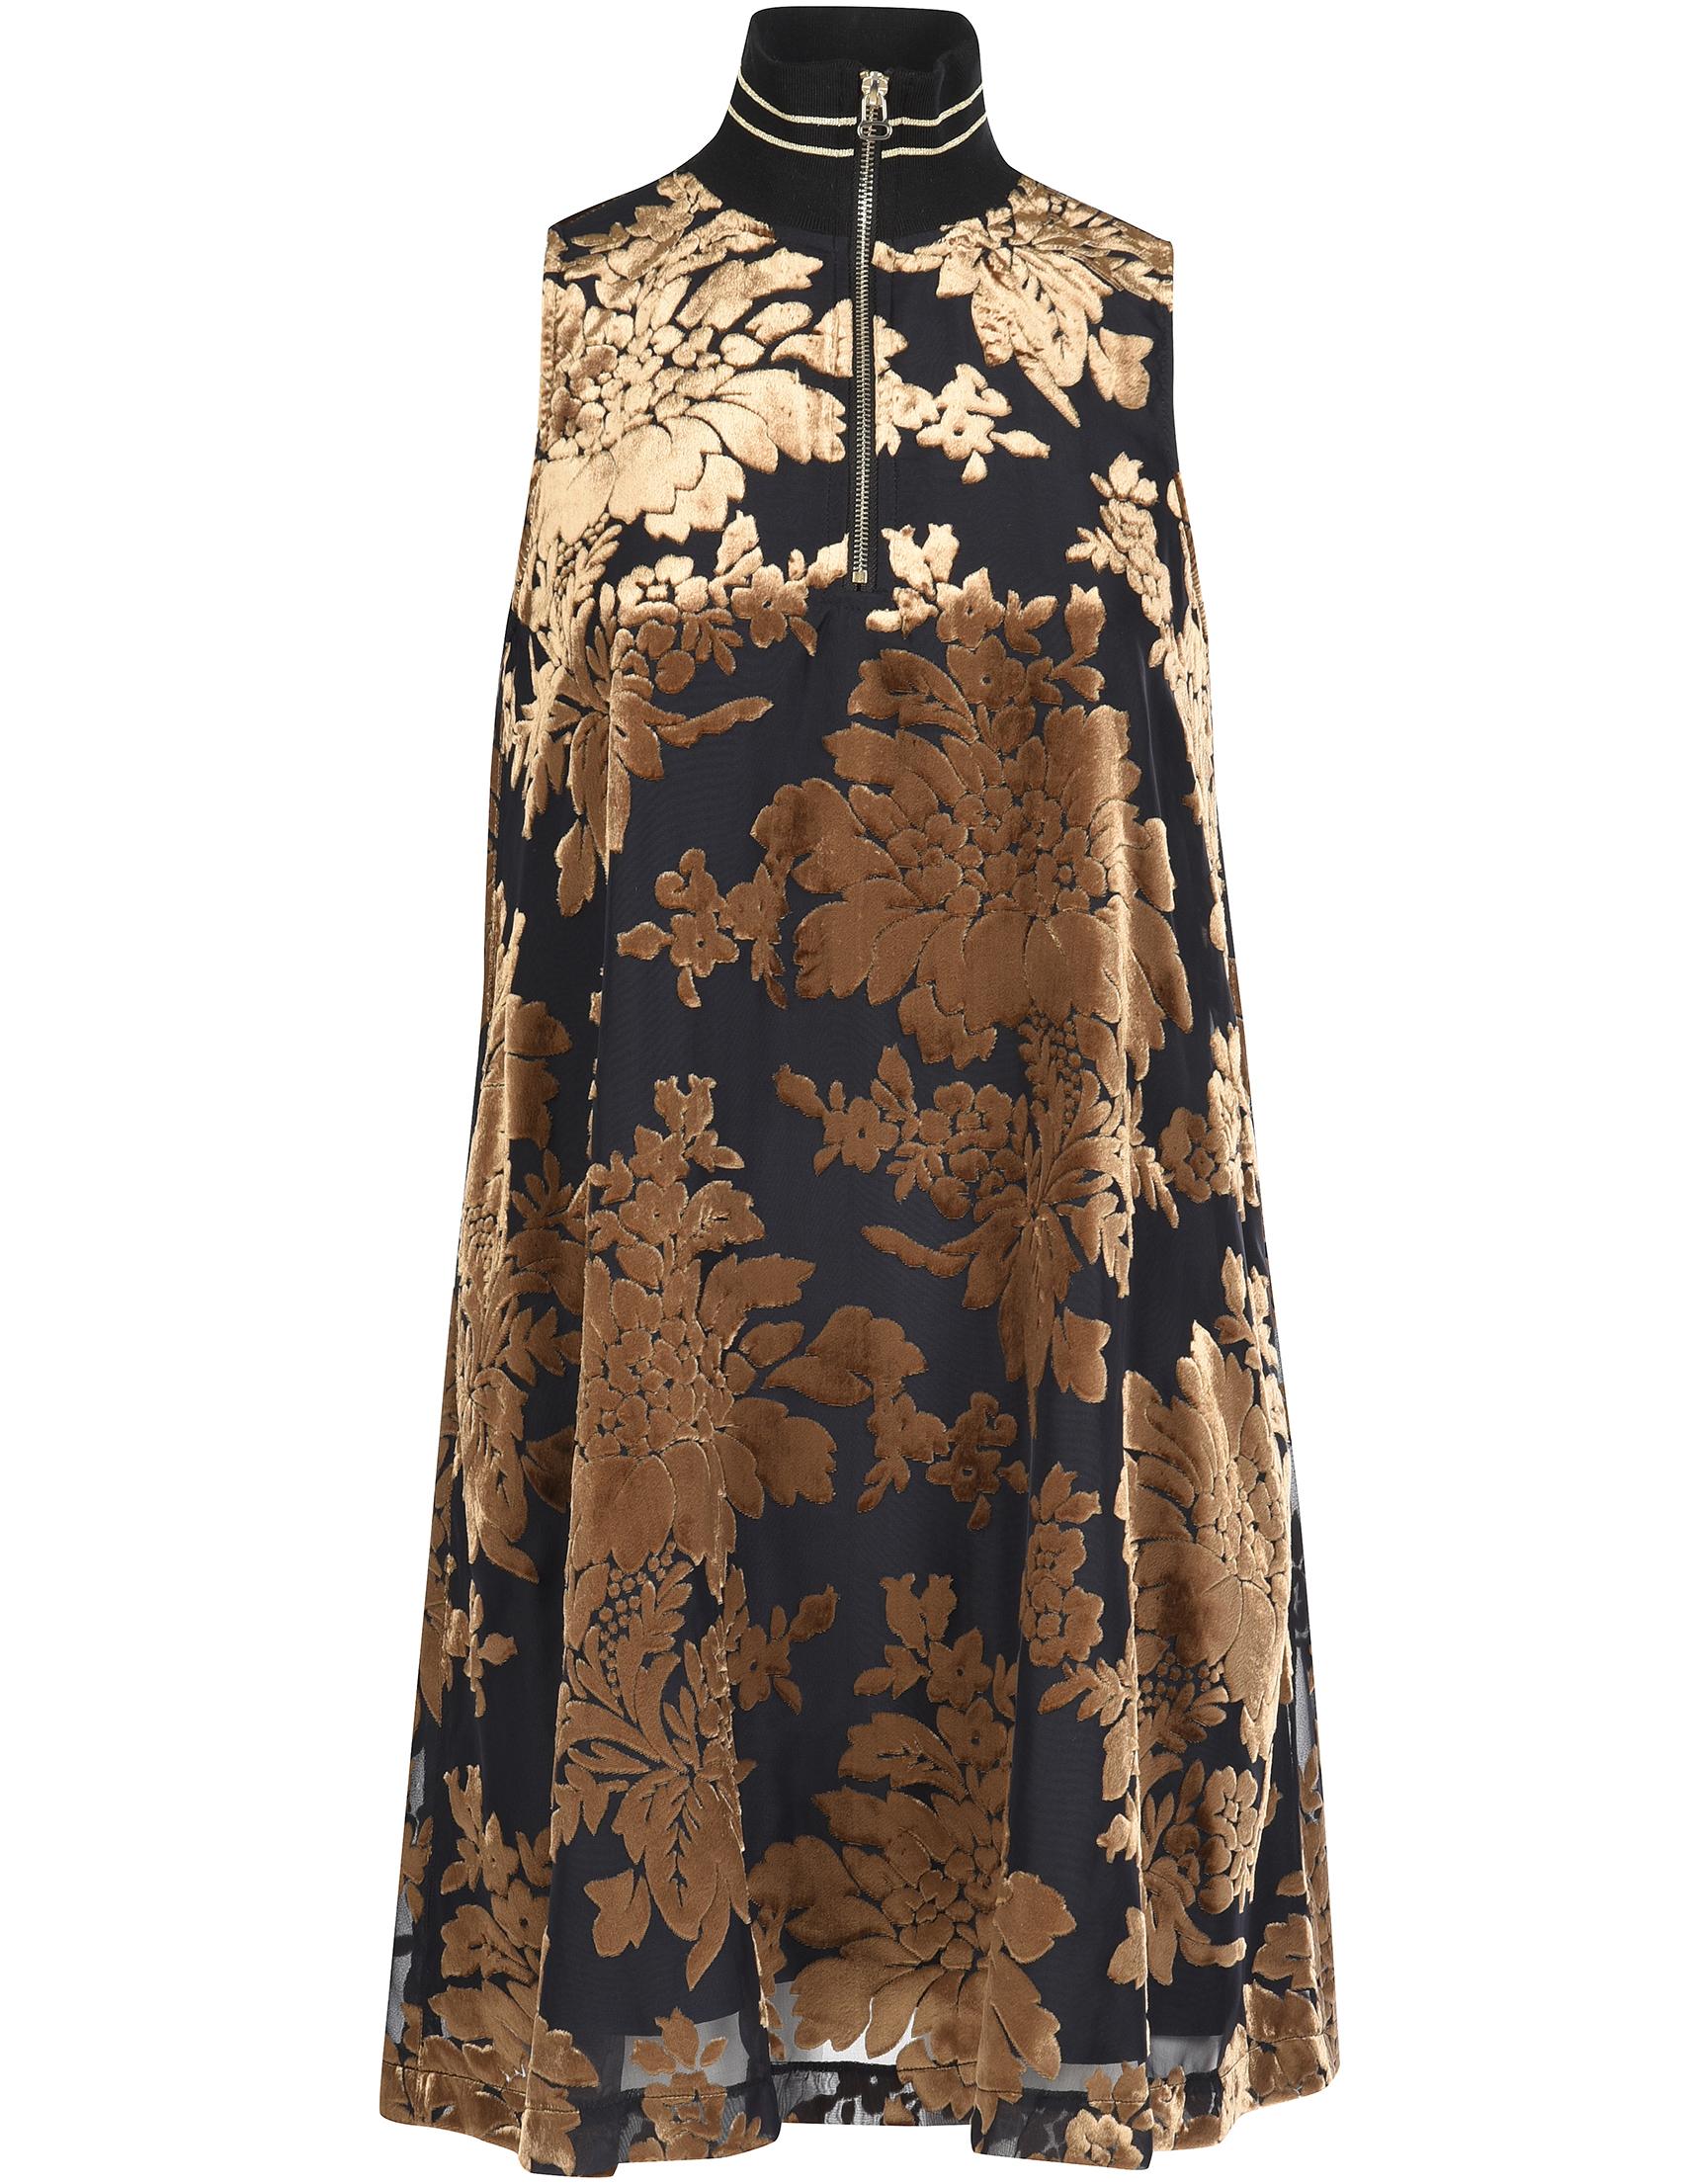 Купить Платье, TWIN-SET, Золотой, 61%Вискоза 39%Полиамид, Осень-Зима